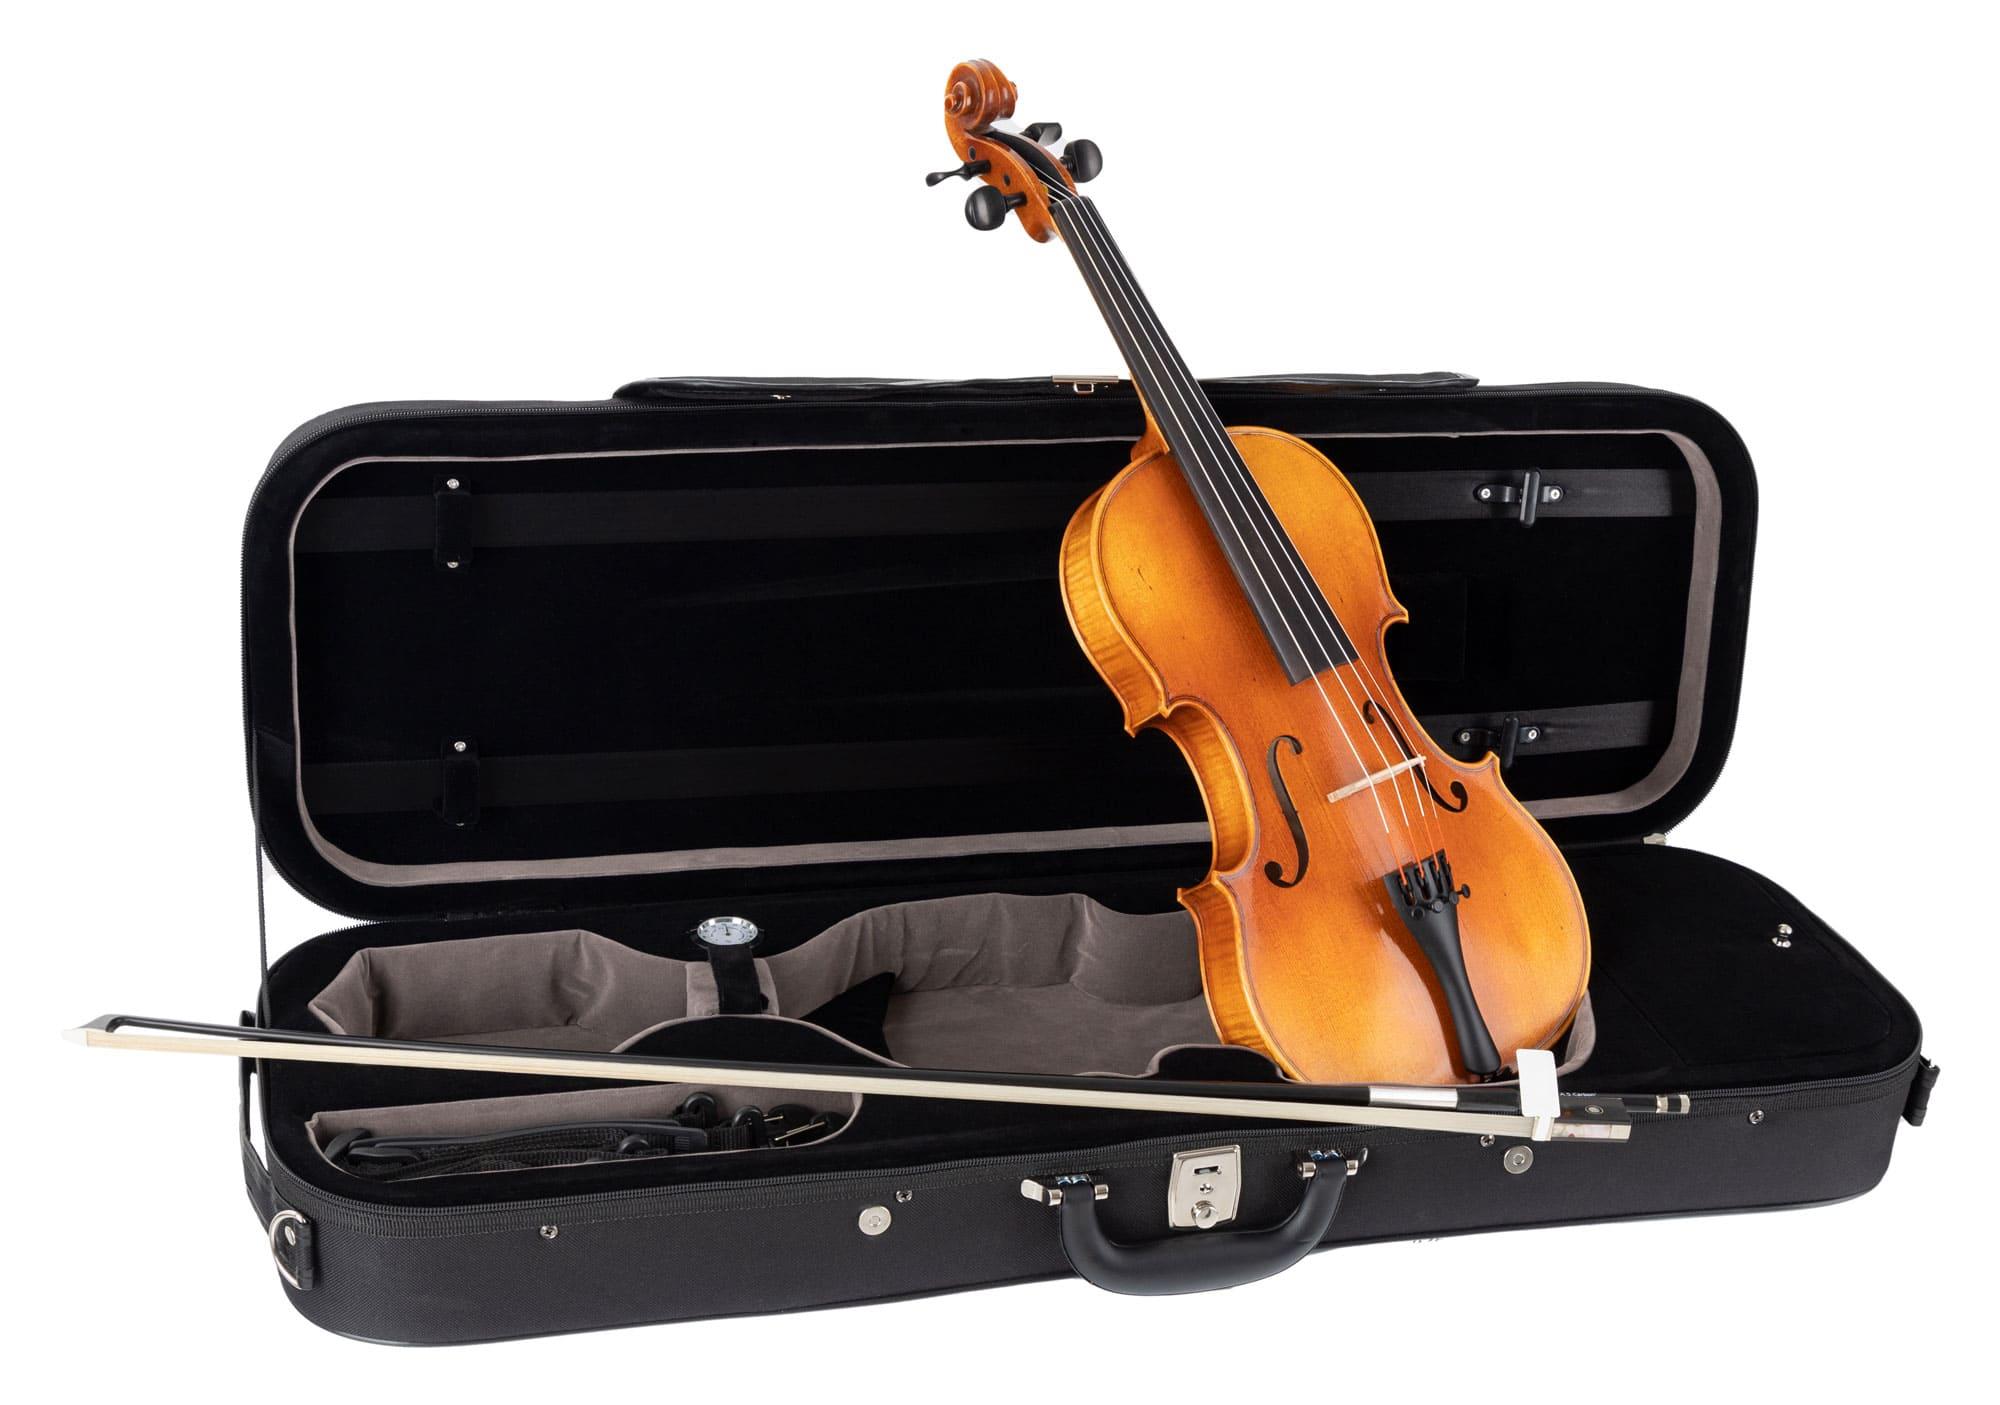 Violinen - Höfner H11E V 0 Presto 4|4 Violingarnitur - Onlineshop Musikhaus Kirstein